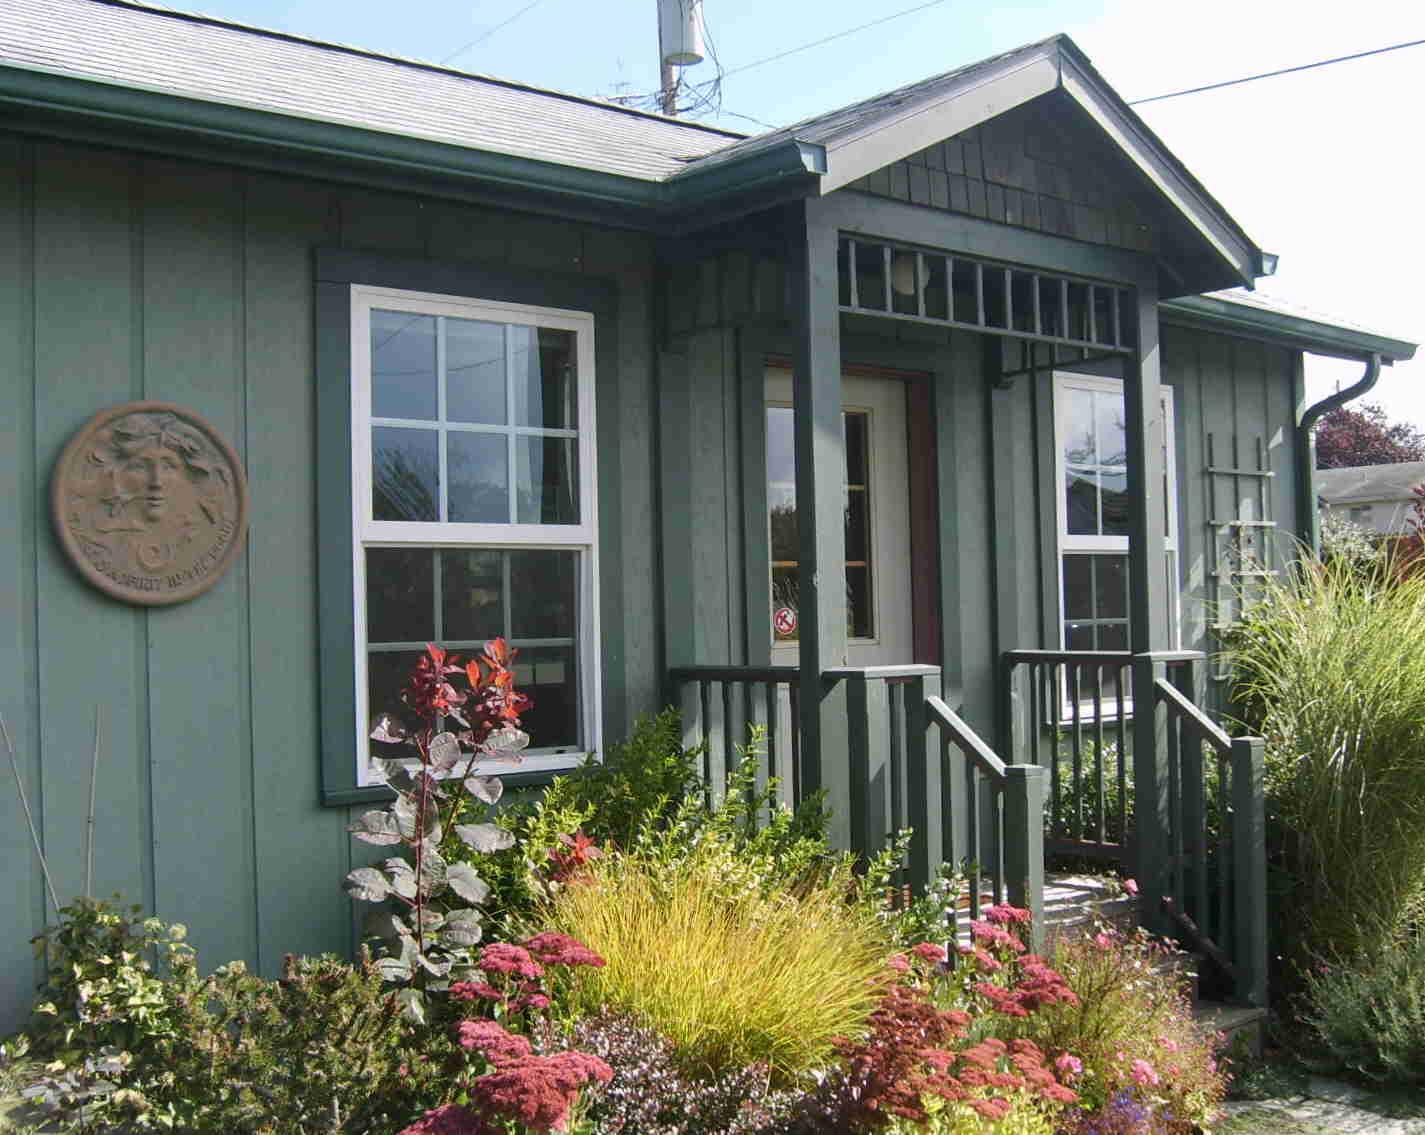 Cottage Main Entrance.JPG